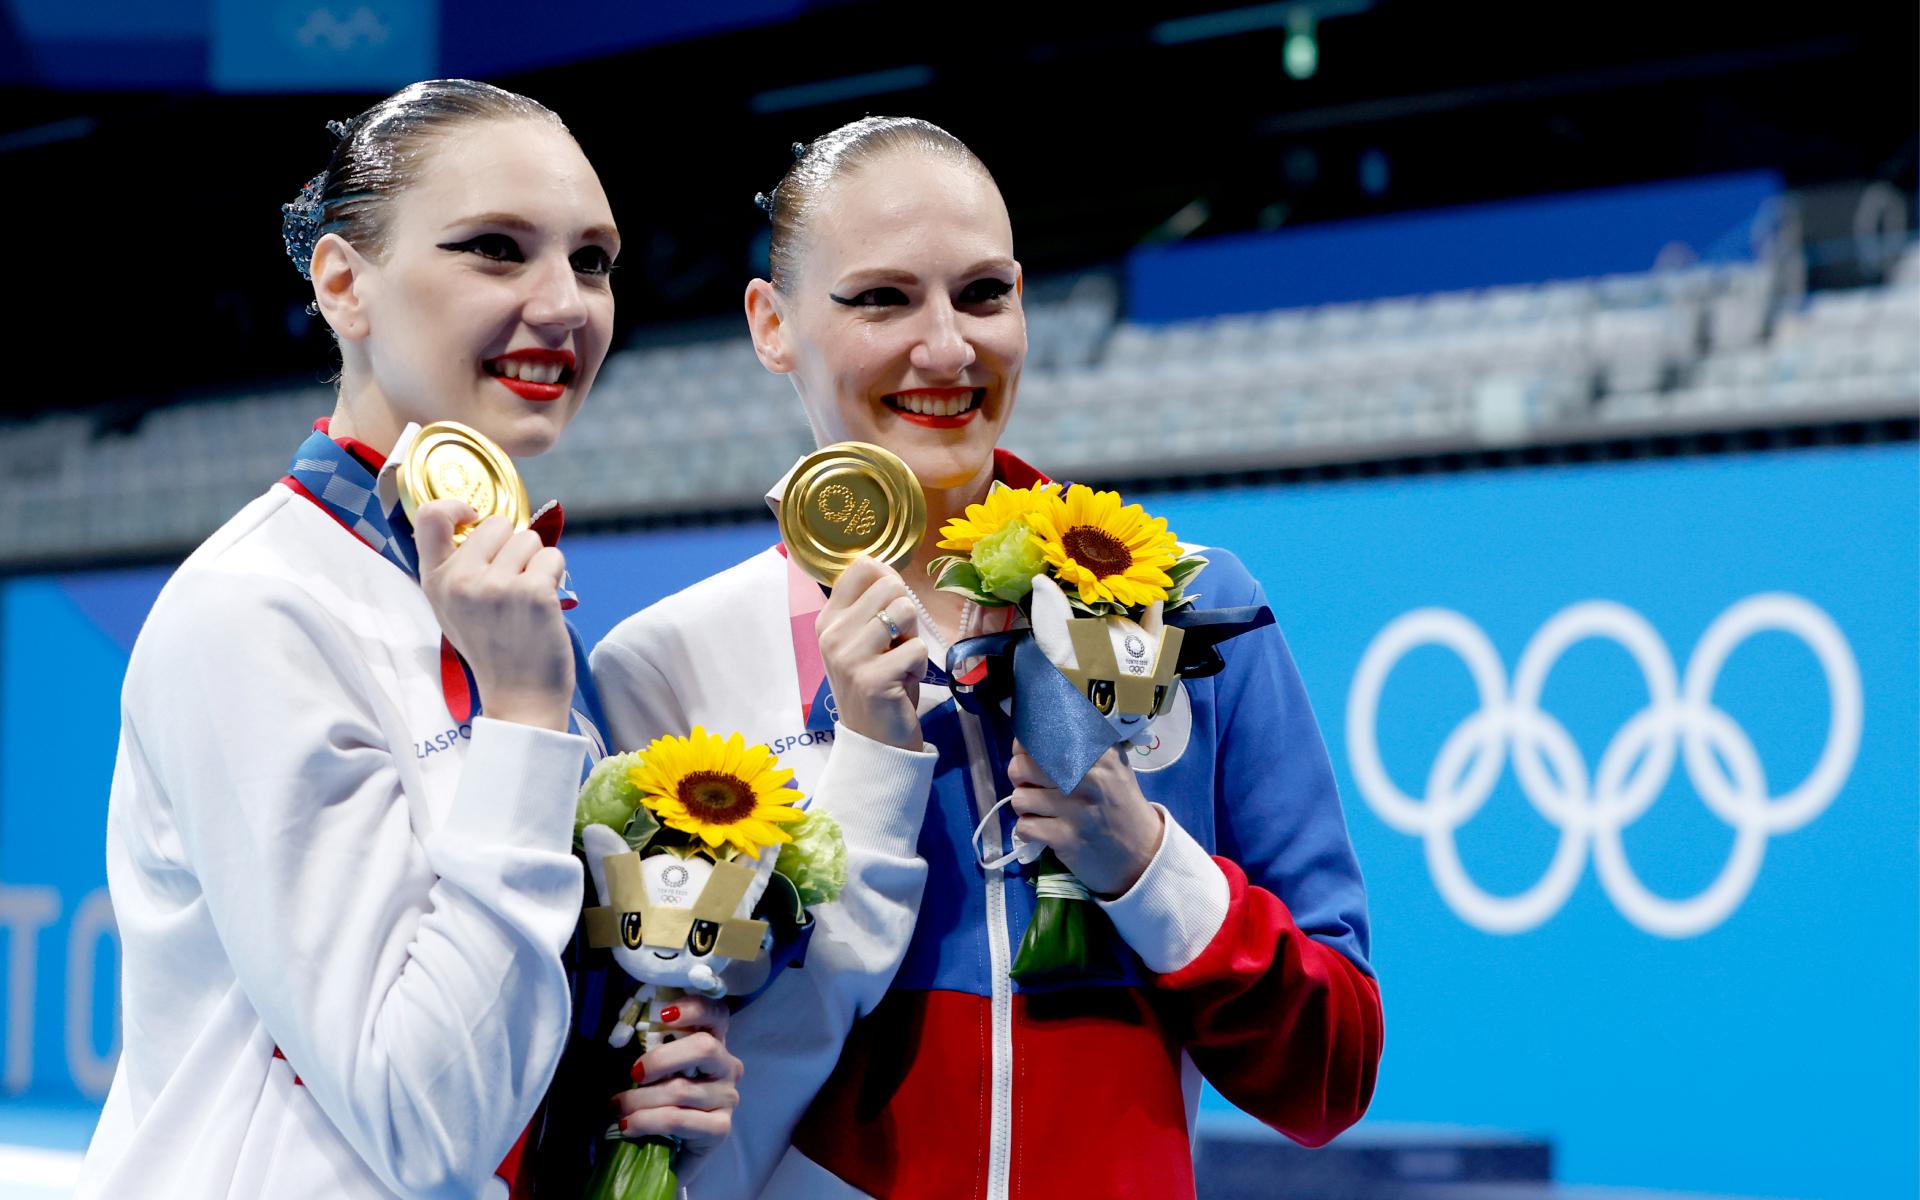 Фото: Светлана Ромашина и Светлана Колесниченко (PATRICK B. KRAEMER\EPA)